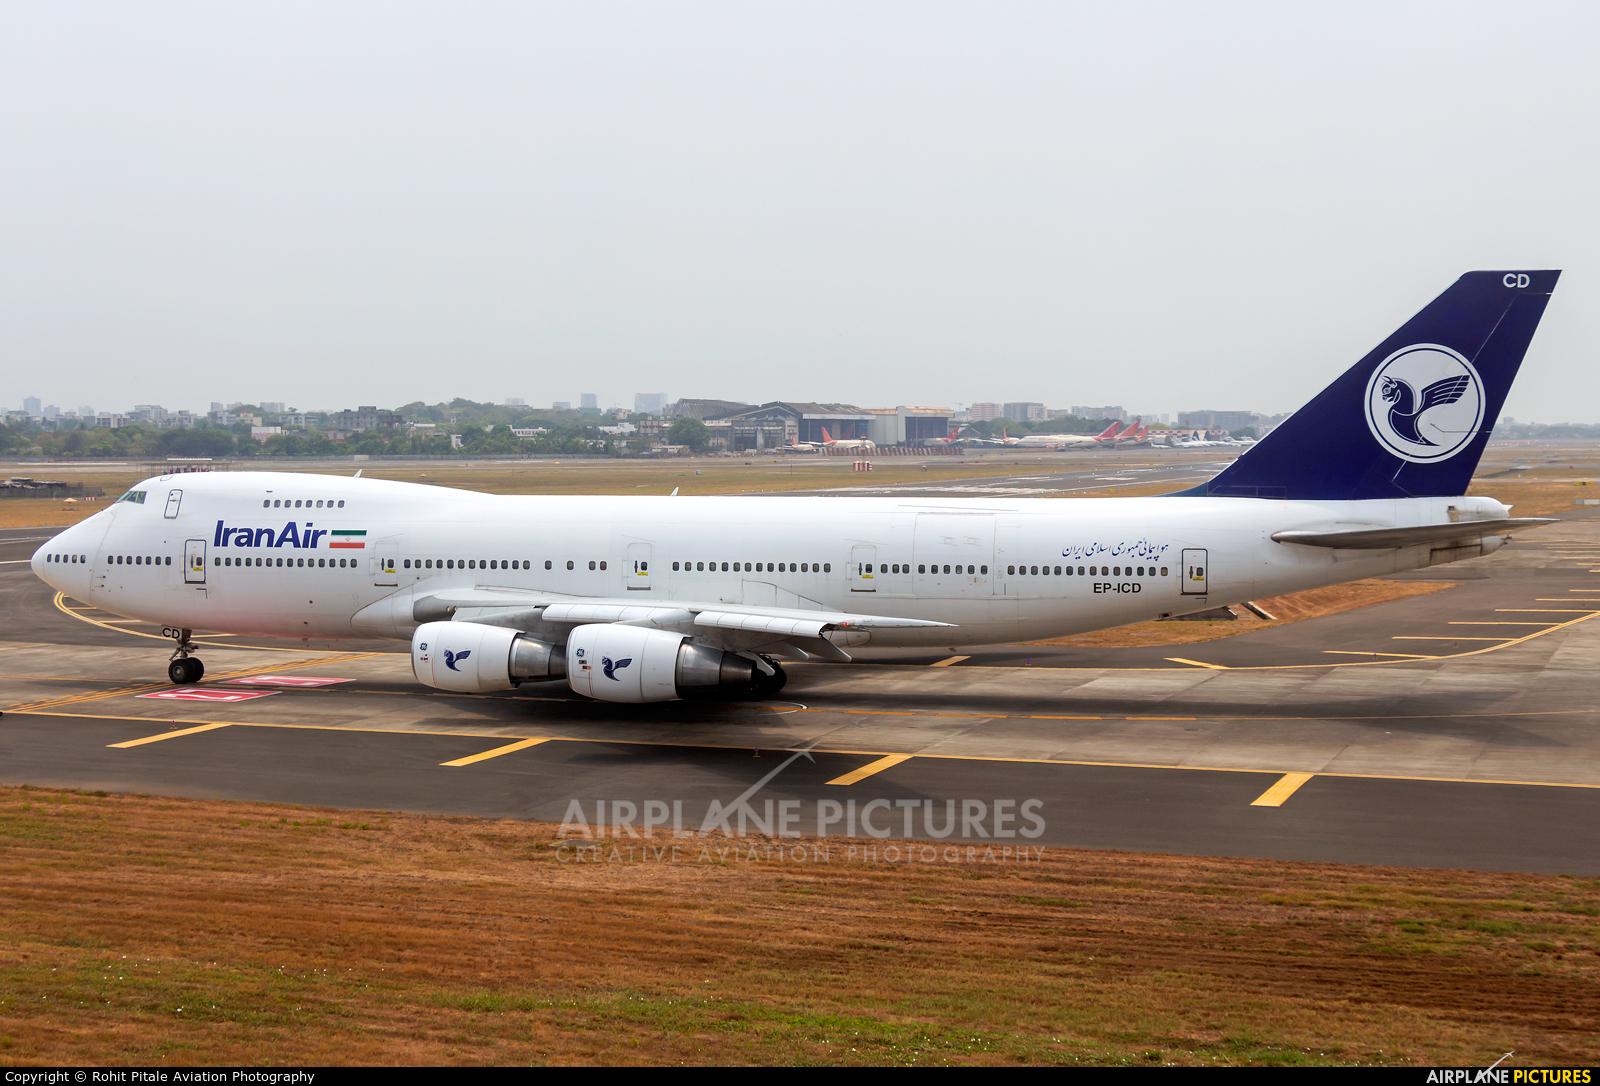 Iran Air Cargo EP-ICD aircraft at Mumbai - Chhatrapati Shivaji Intl